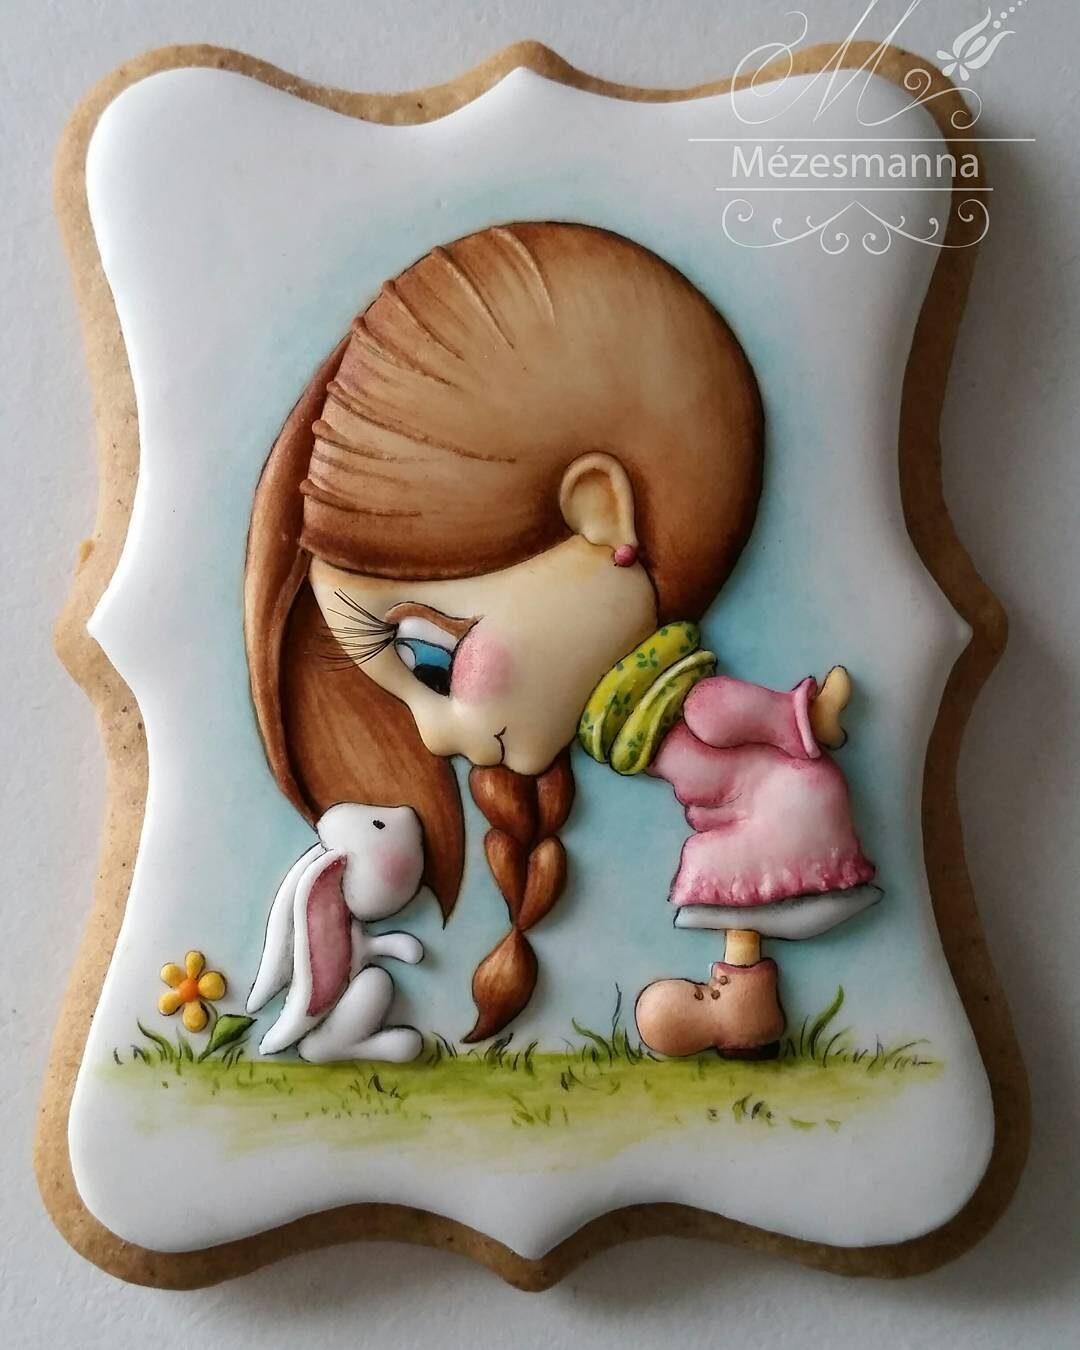 Венгерский кондитер Judit Czinkne Poor рисует на печенье